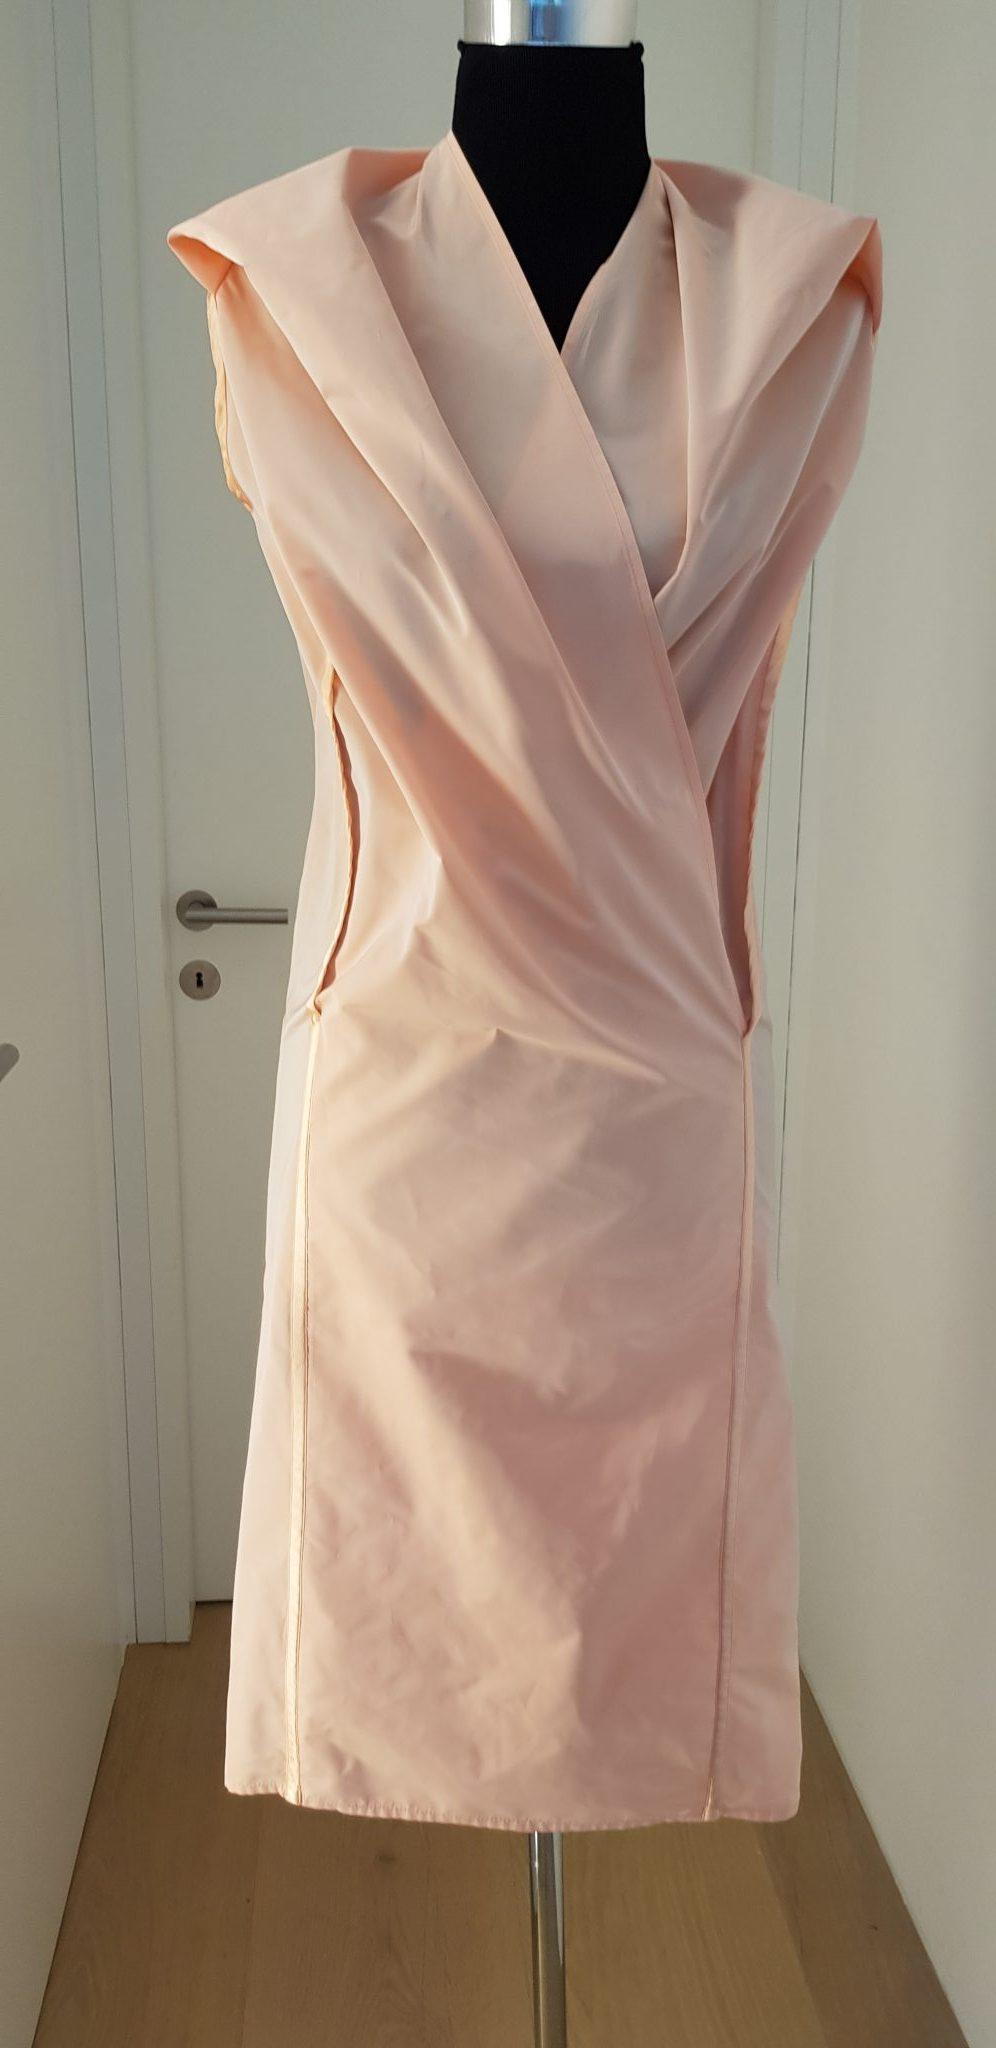 heißester Verkauf zuverlässigste begehrteste Mode Cocktailkleid, Business-Outfit, rosa, Michel Mayer -